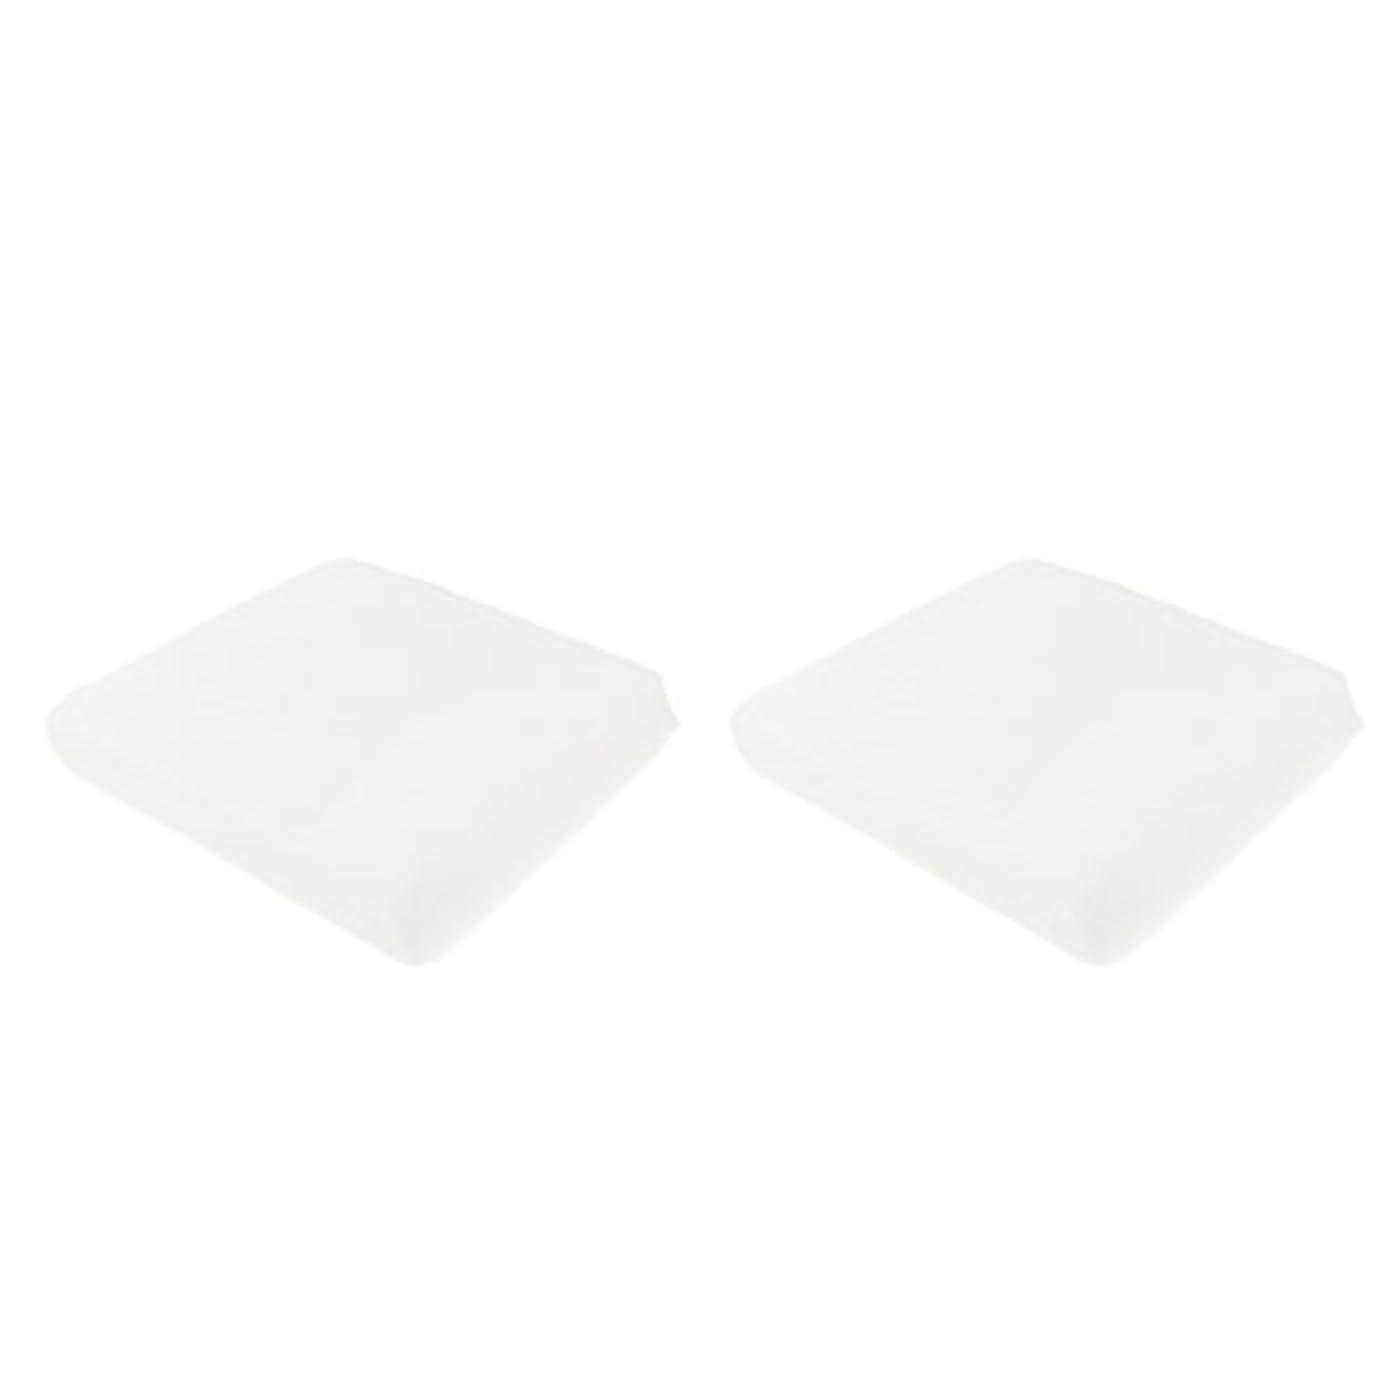 警戒感謝反対にクレンジングシート メイク落とし 使い捨て 洗顔シート 不織布 顔クレンジング 2サイズ - 1#